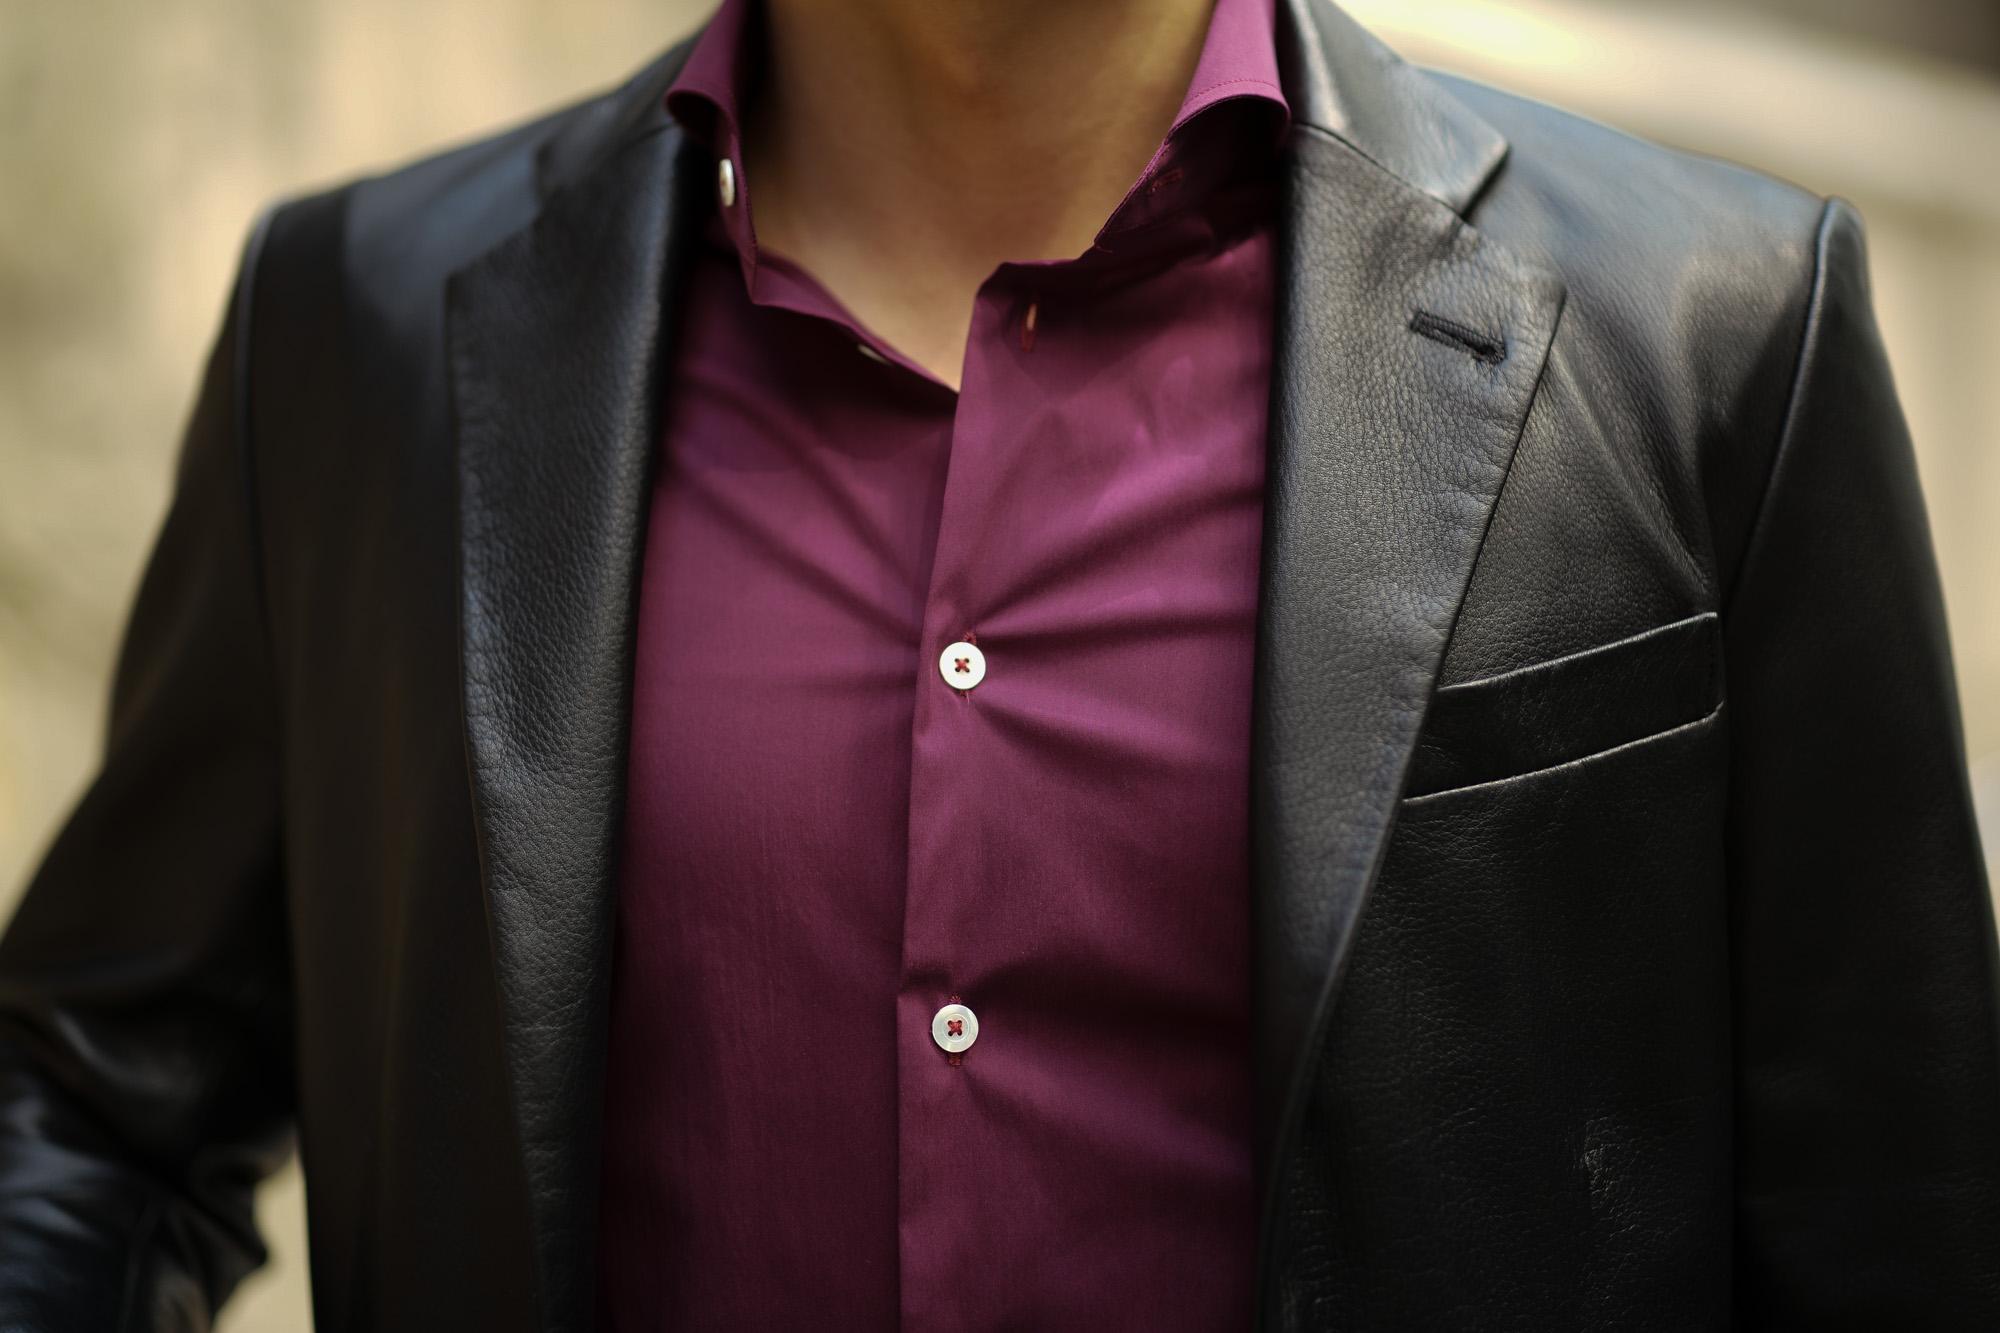 Cuervo (クエルボ) Satisfaction Leather Collection (サティスファクション レザー コレクション) LEON (レオン) BUFFALO LEATHER (バッファロー レザー) シングル テーラード ジャケット BLACK (ブラック) MADE IN JAPAN (日本製) 2019 秋冬 【ご予約受付中】愛知 名古屋 altoediritto アルトエデリット